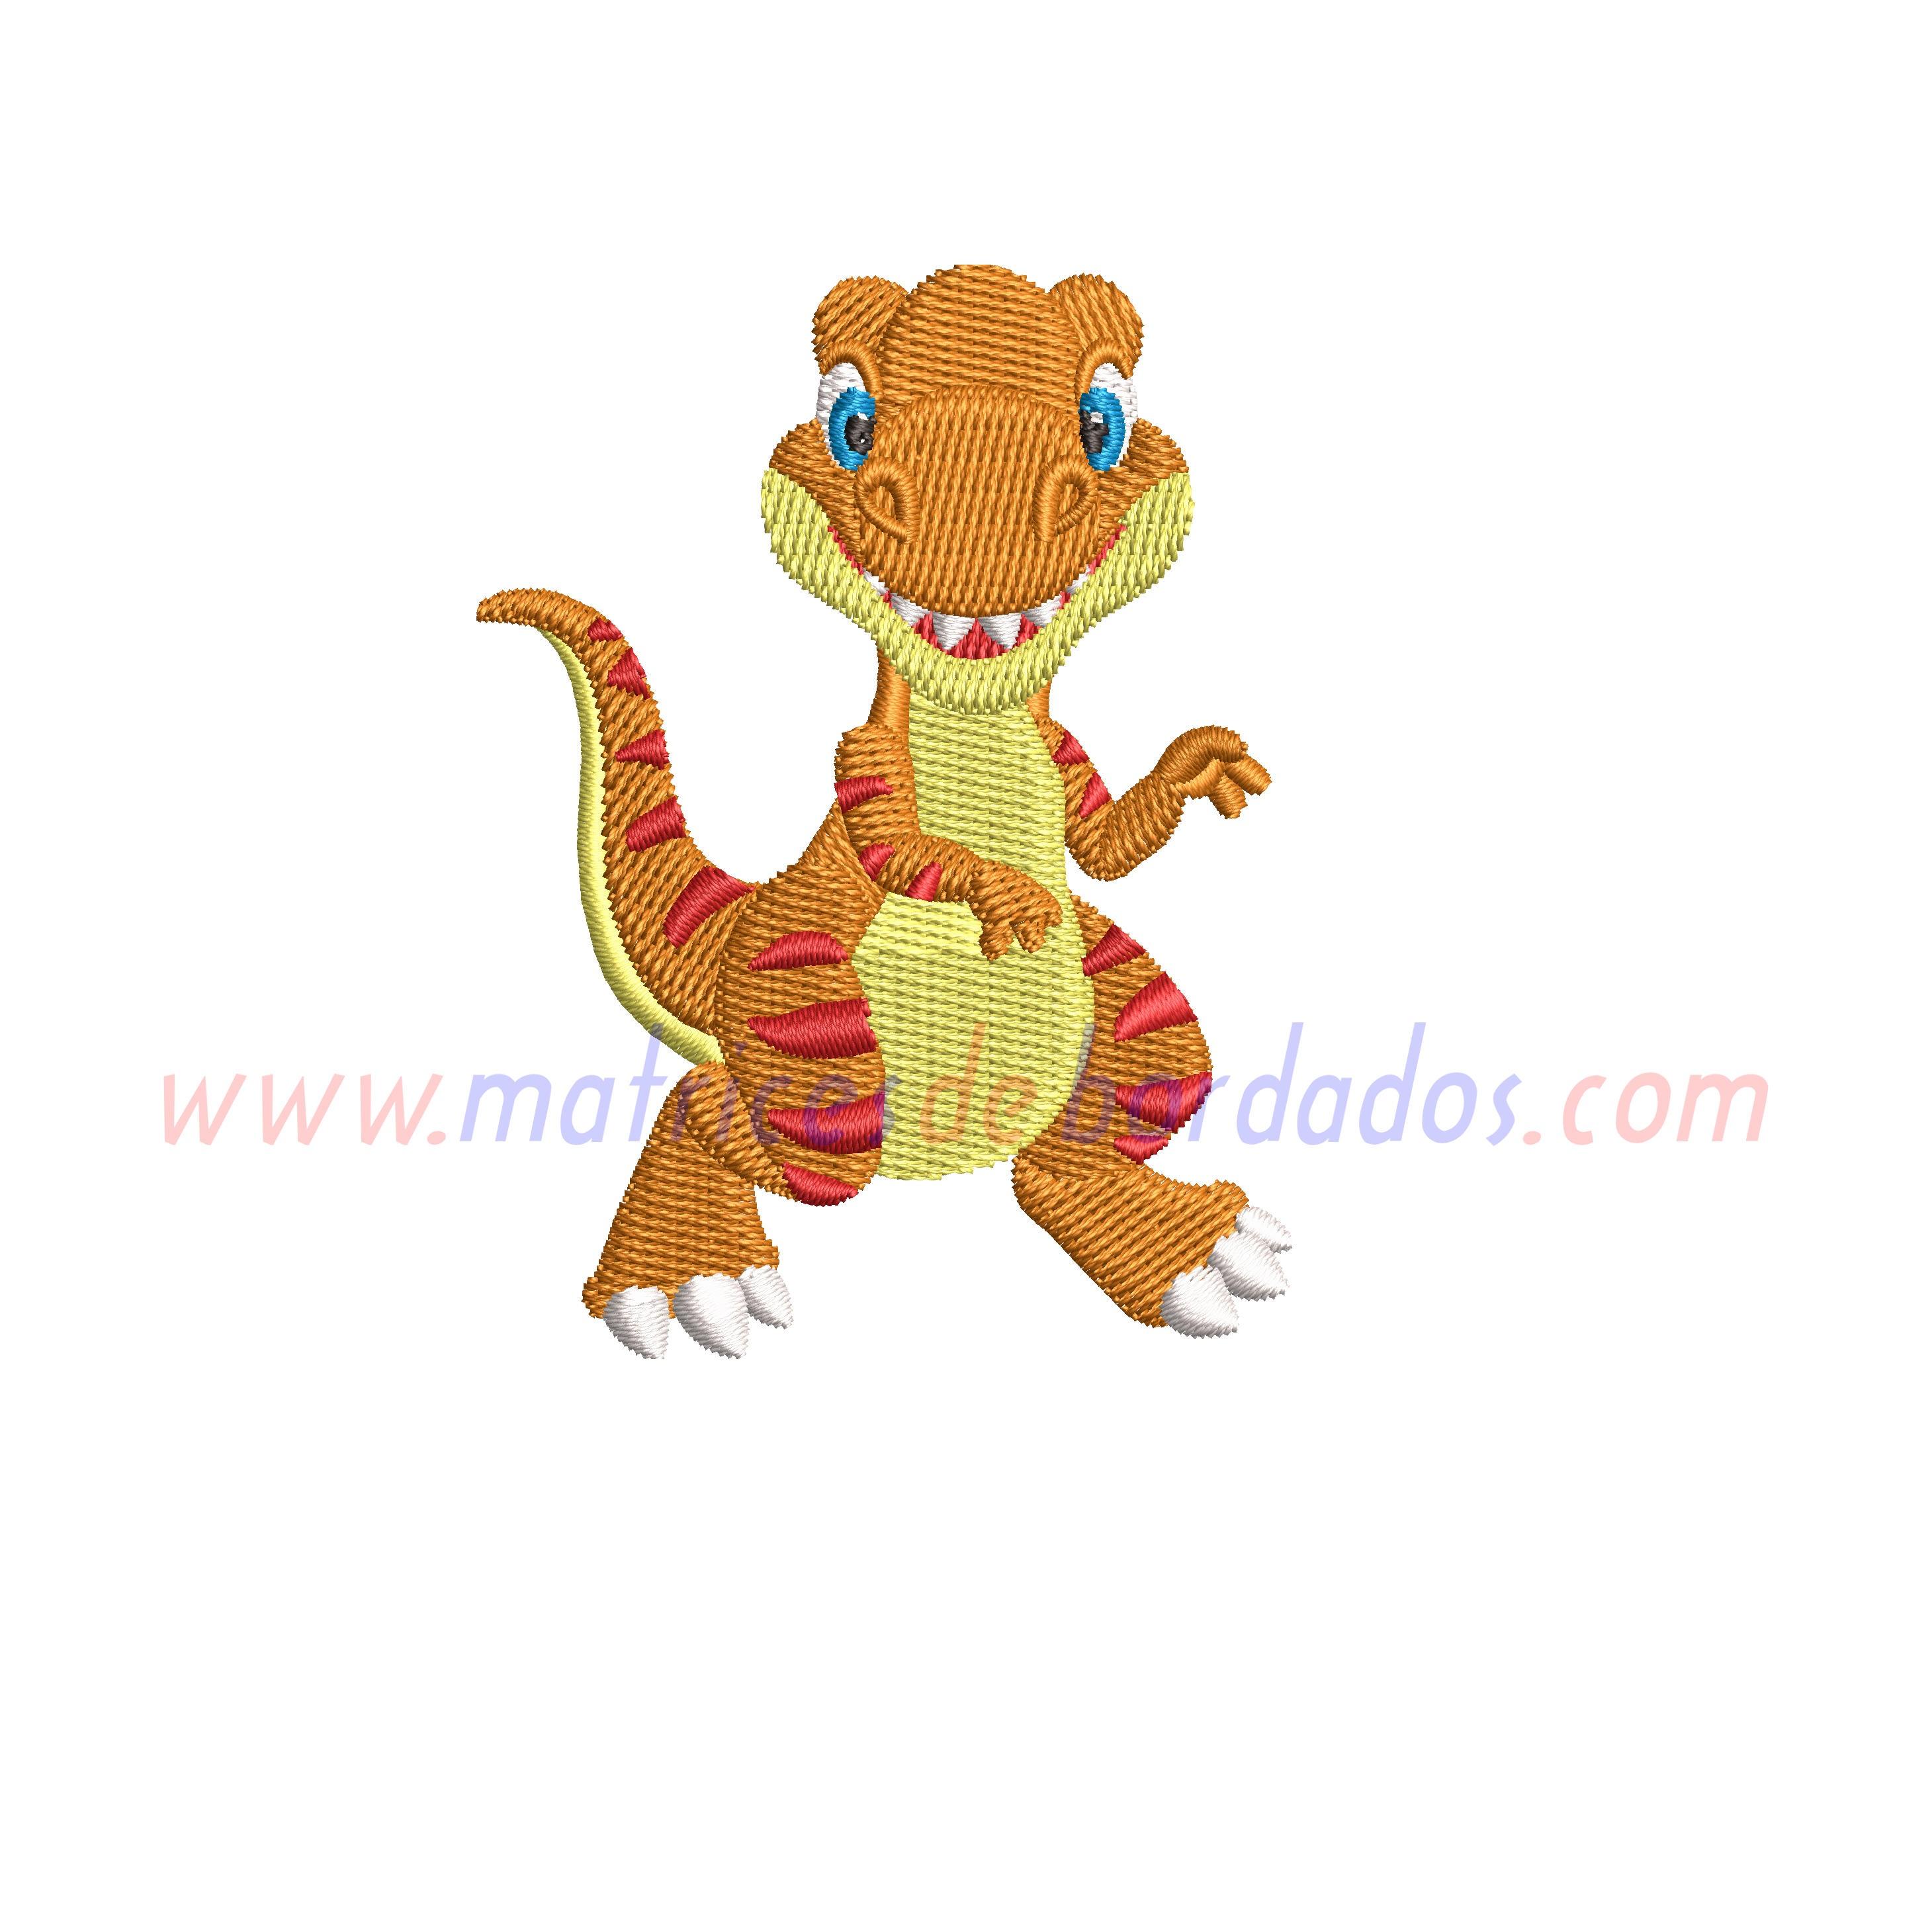 PP27MU - Dinosaurio